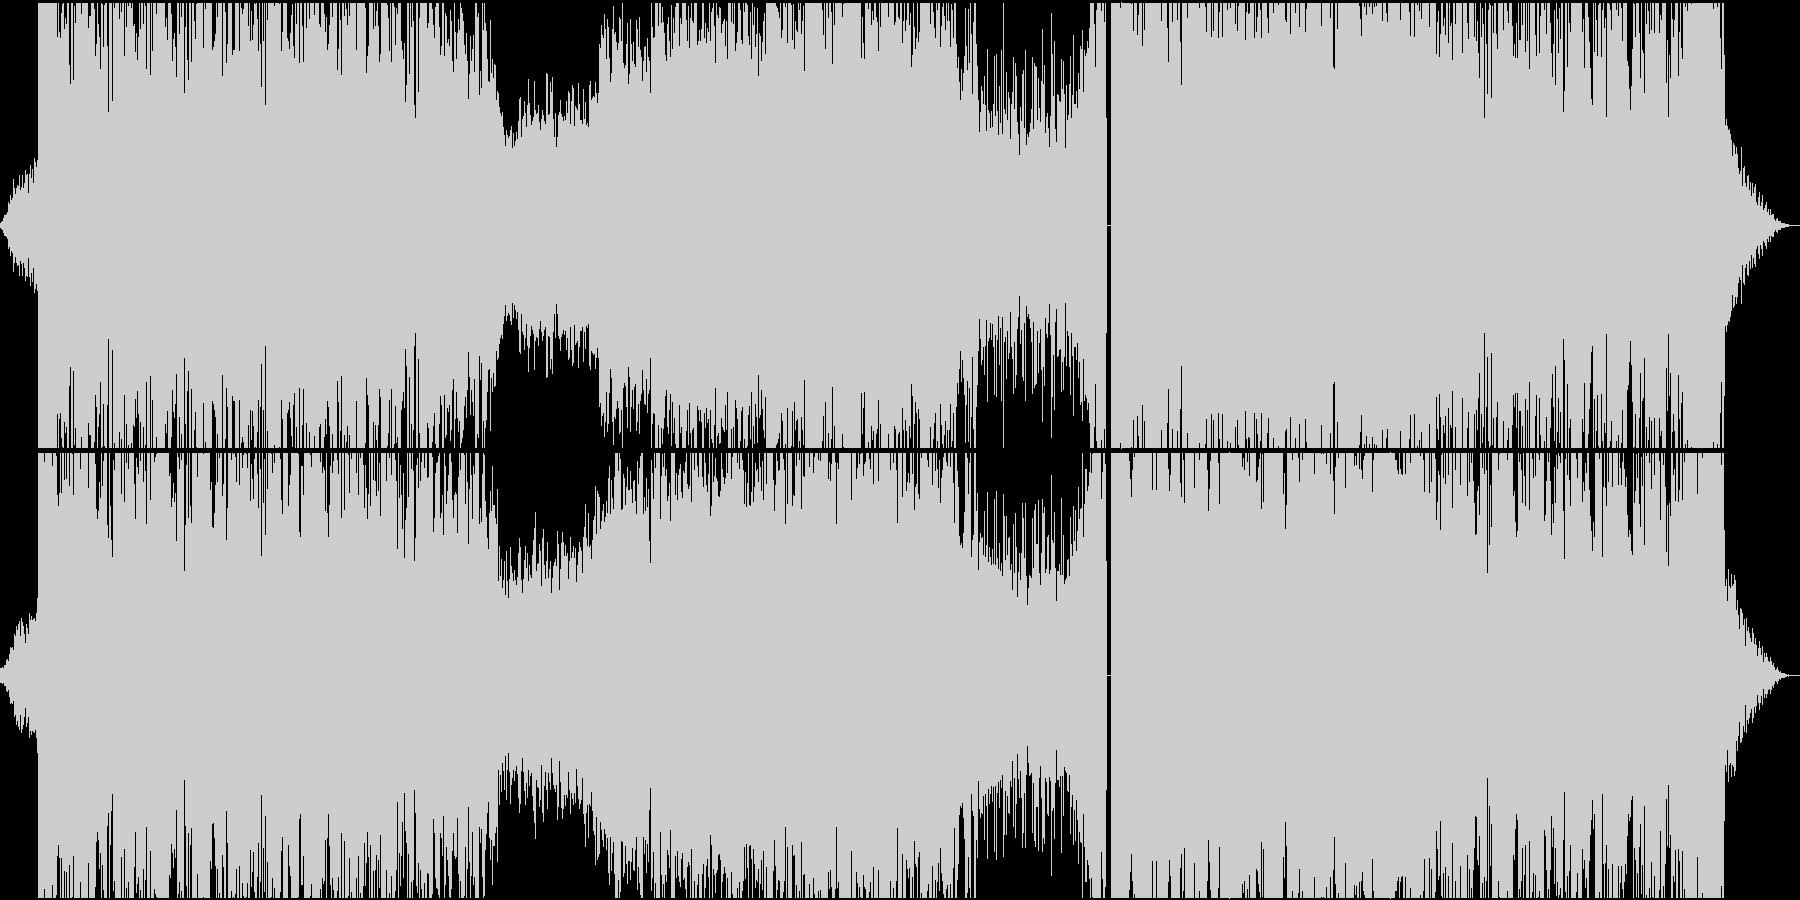 暗いシンセサイザーの不吉なスチームパンクの未再生の波形